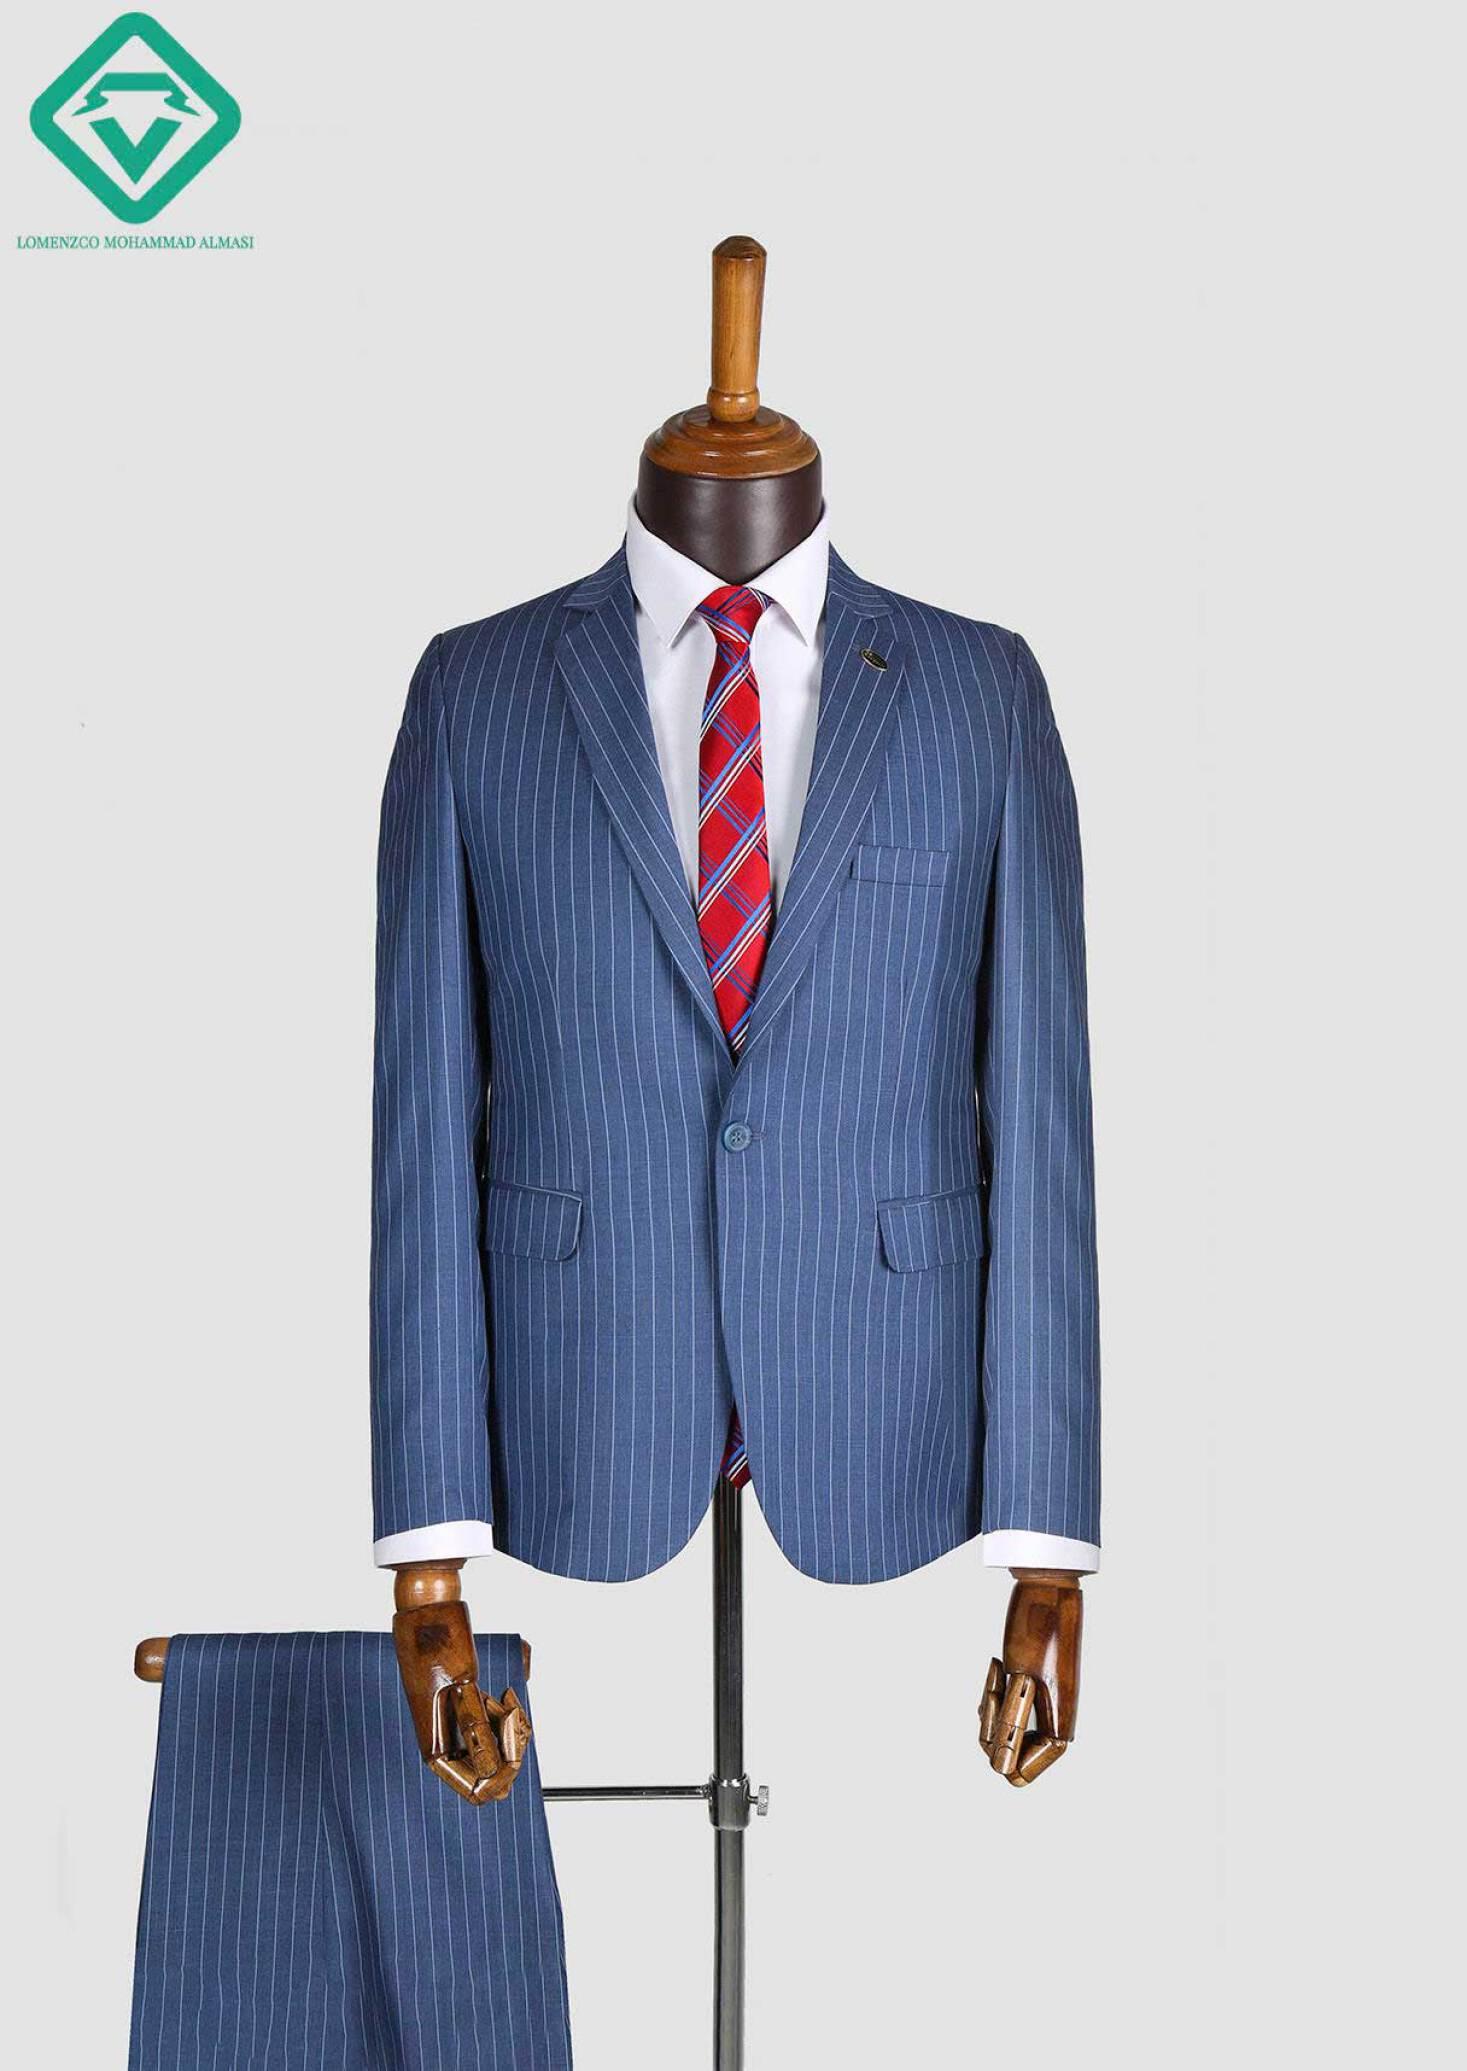 کت و شلوار دیپلمات گلدن تولید شده توسط لومنز